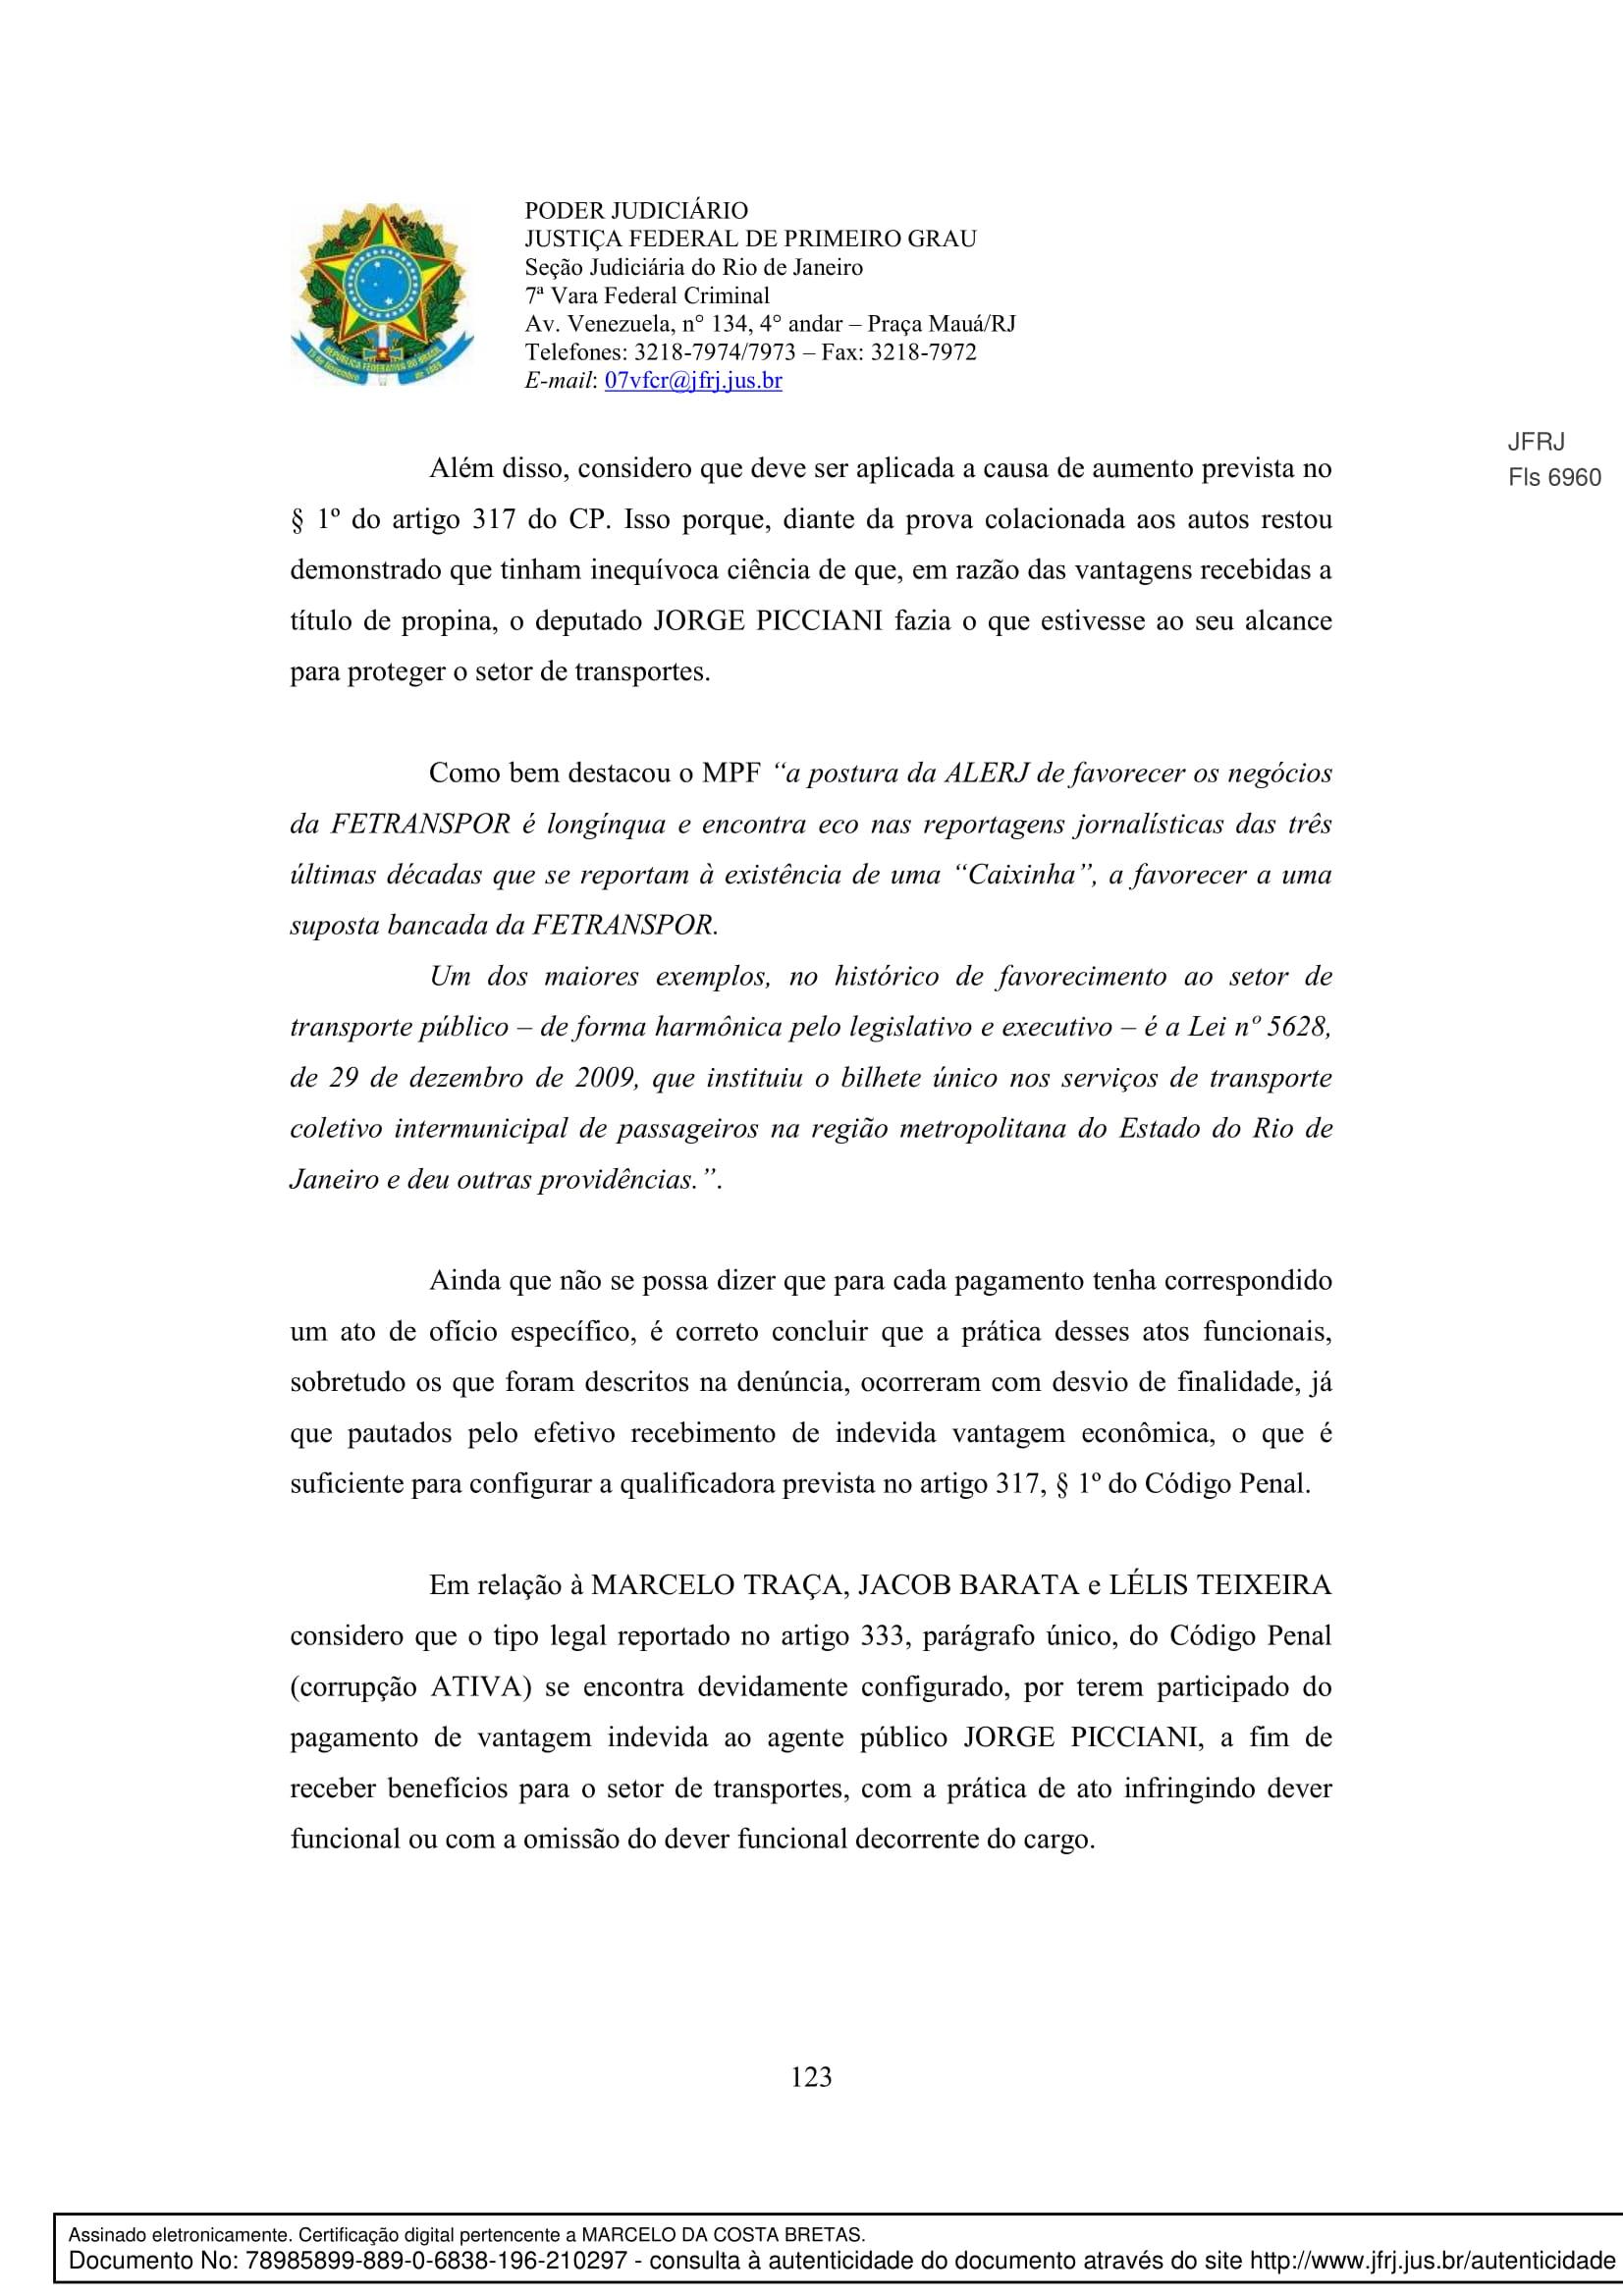 Sentenca-Cadeia-Velha-7VFC-123